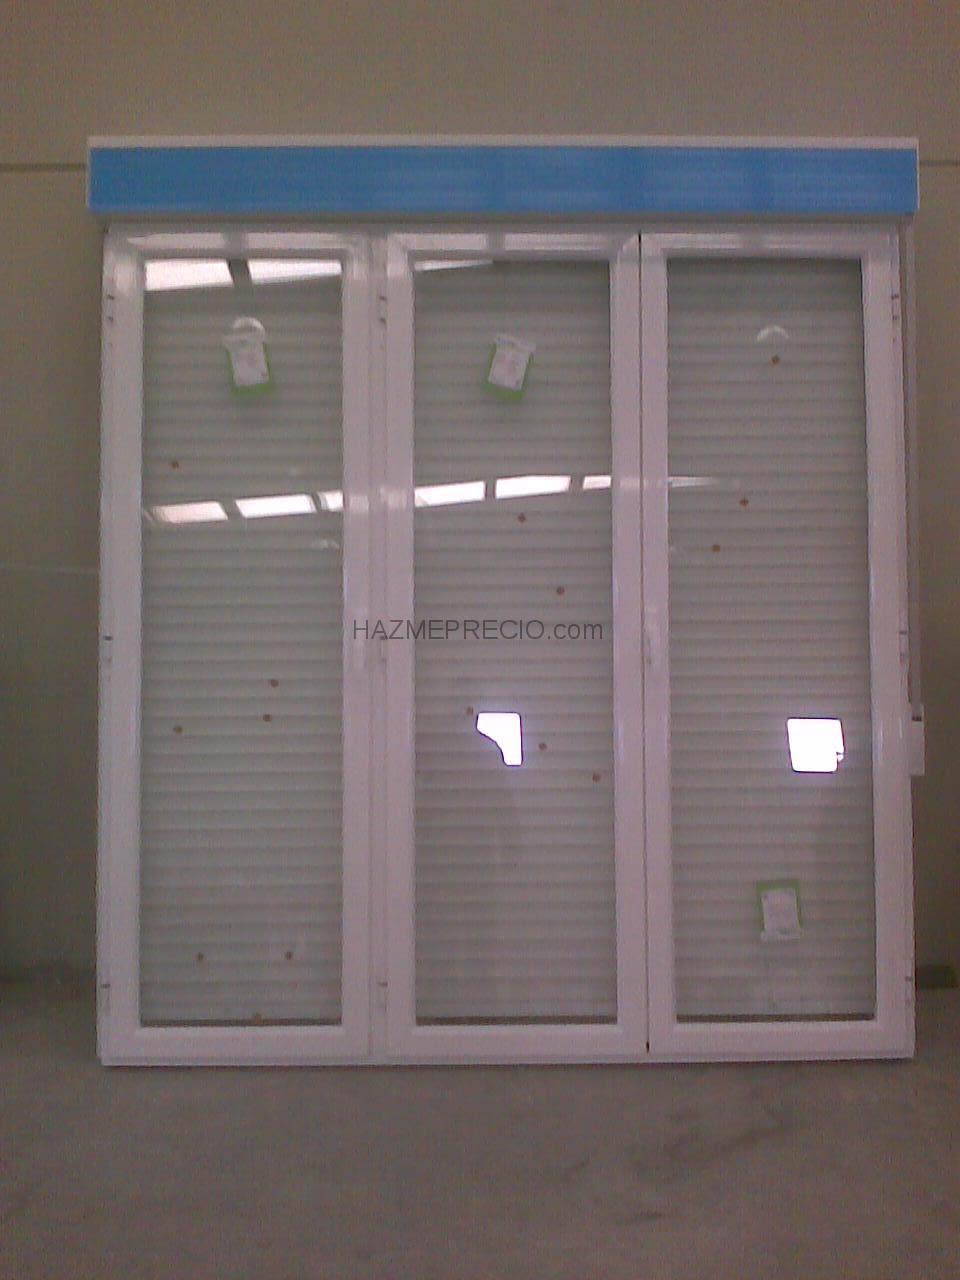 Presupuesto para cambiar ventanas persianas y puertas - Cambiar ventanas precio ...